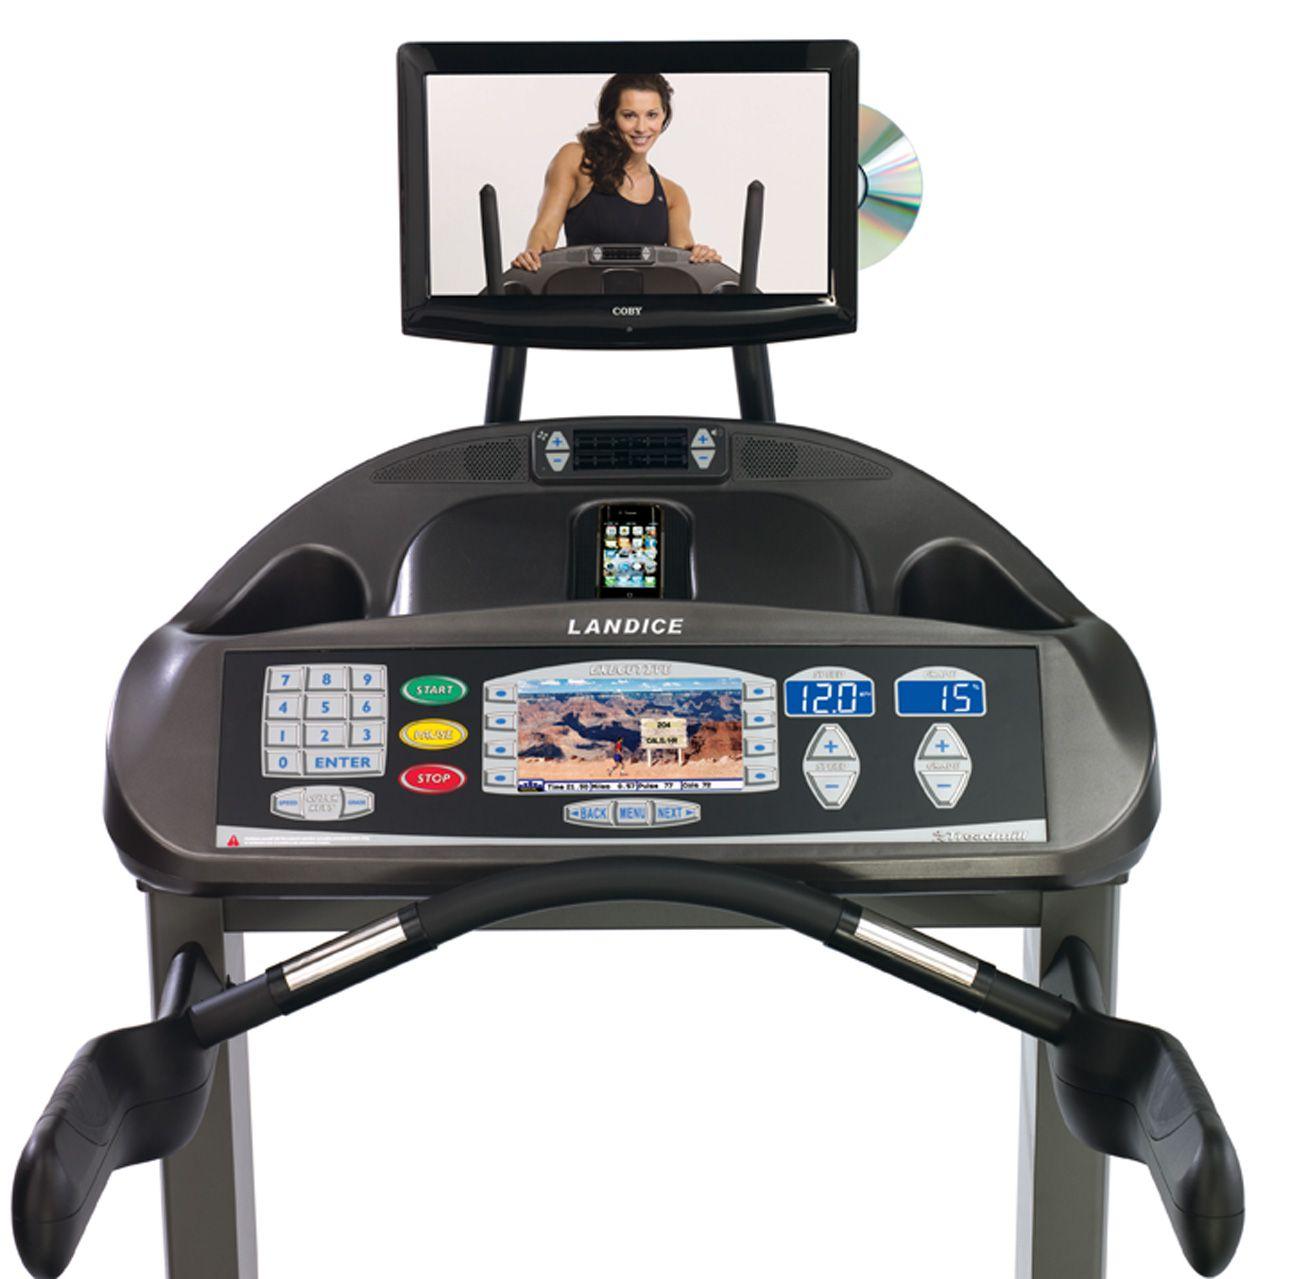 Landice Treadmill India: Landice Treadmill Vesa D Bracket Mounting For Tablets, Monitor